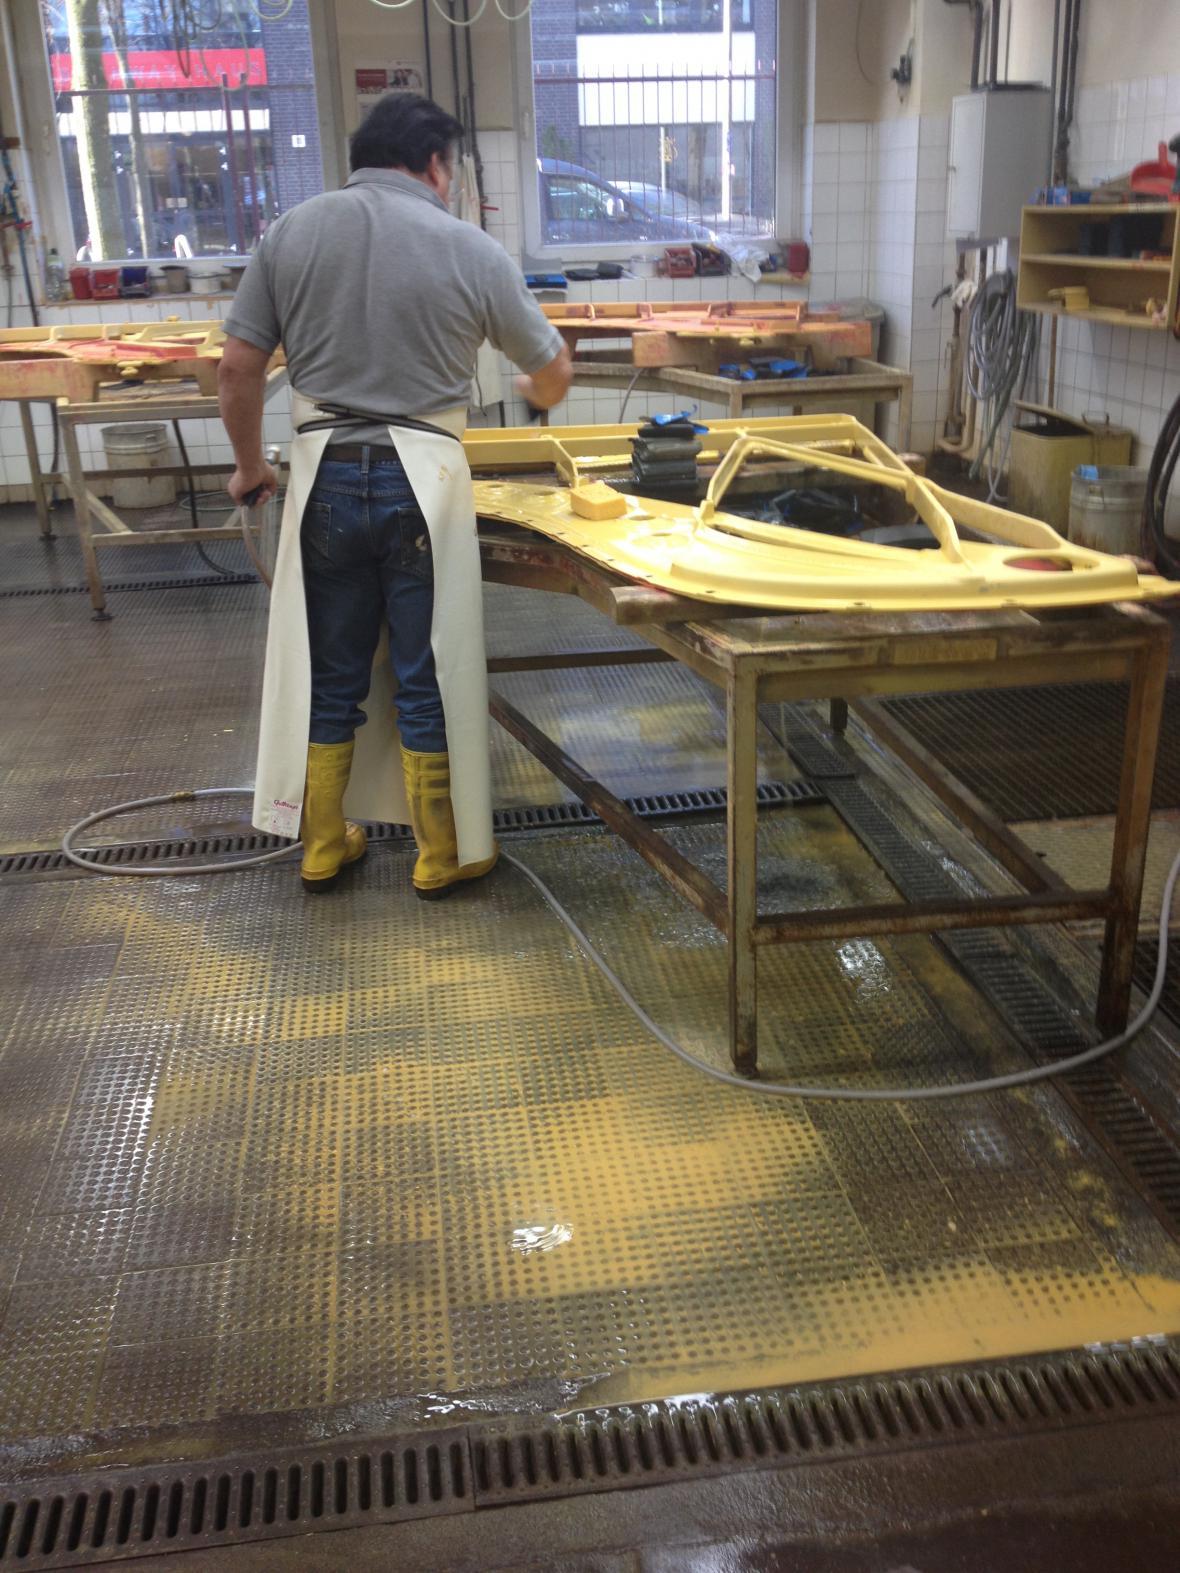 Továrna Steinway & Sons v Hamburku